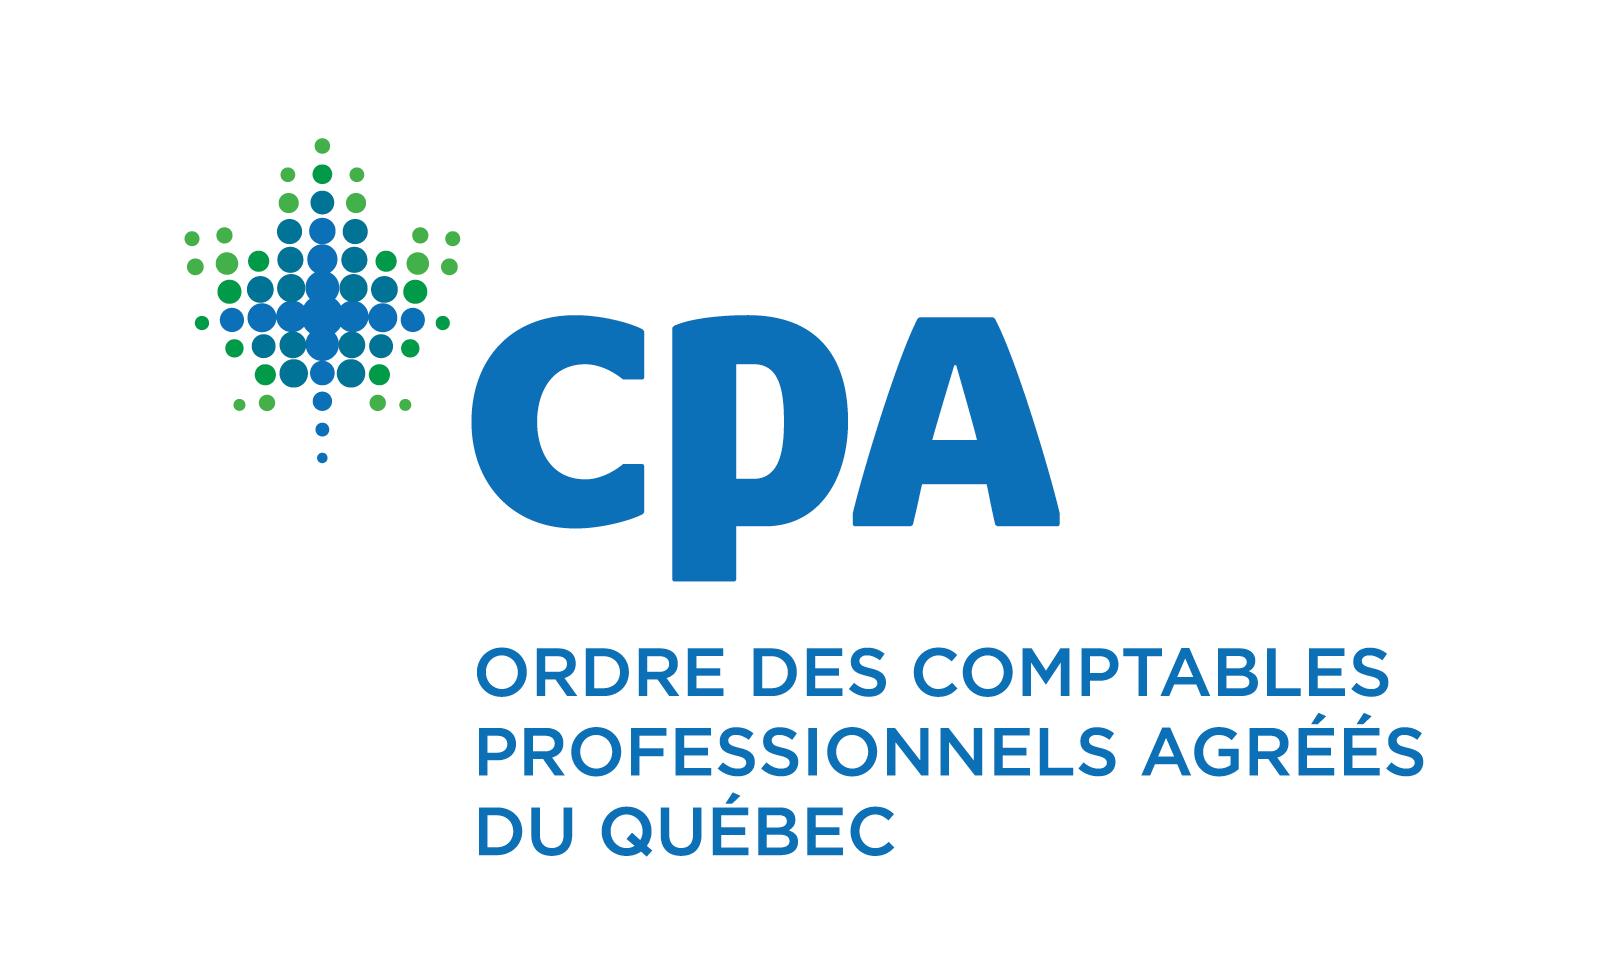 CPA Ordre des comptables professionnels agréés du Québec